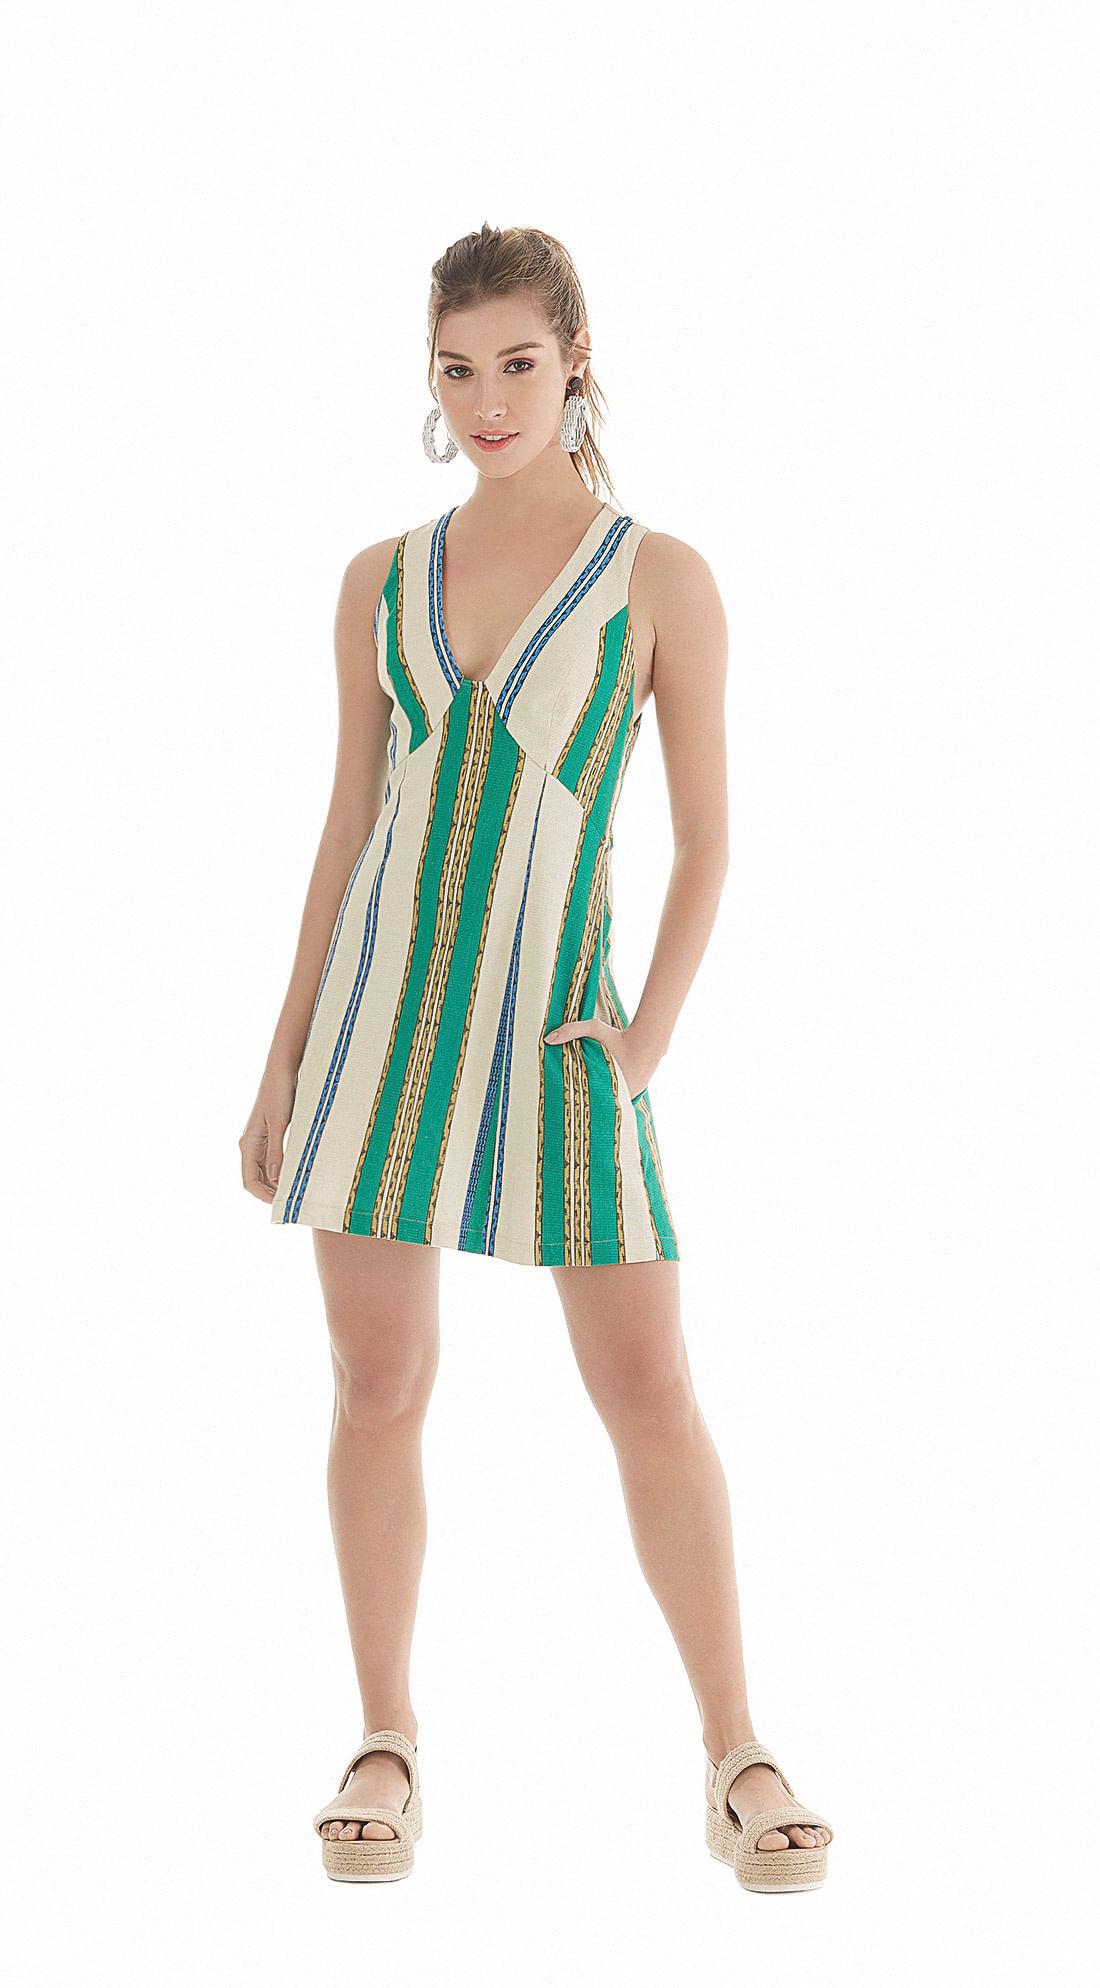 69f6f14e9dee Vestido Curto Decote V Basico Verde - Zinco